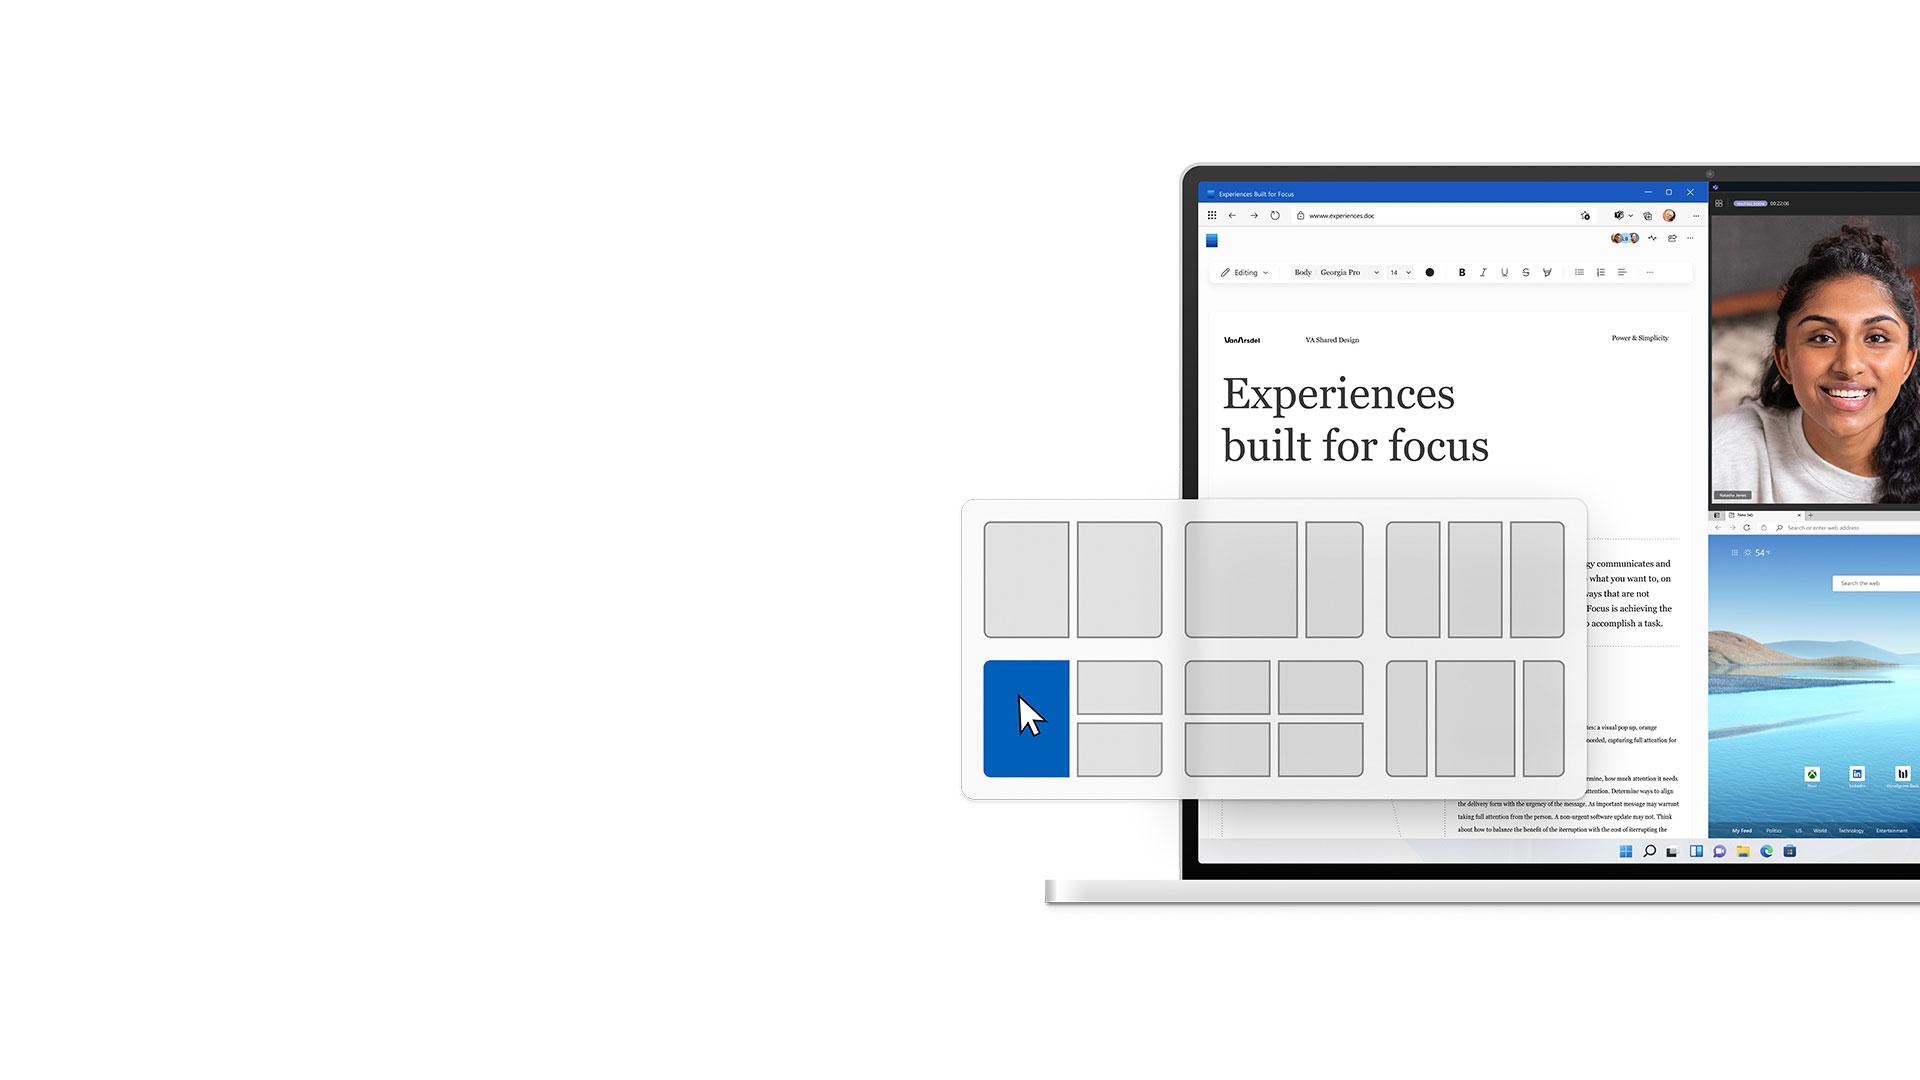 תכונת 'הצמדה' של Window 11 המציגה שלוש אפליקציות על מסך אחד